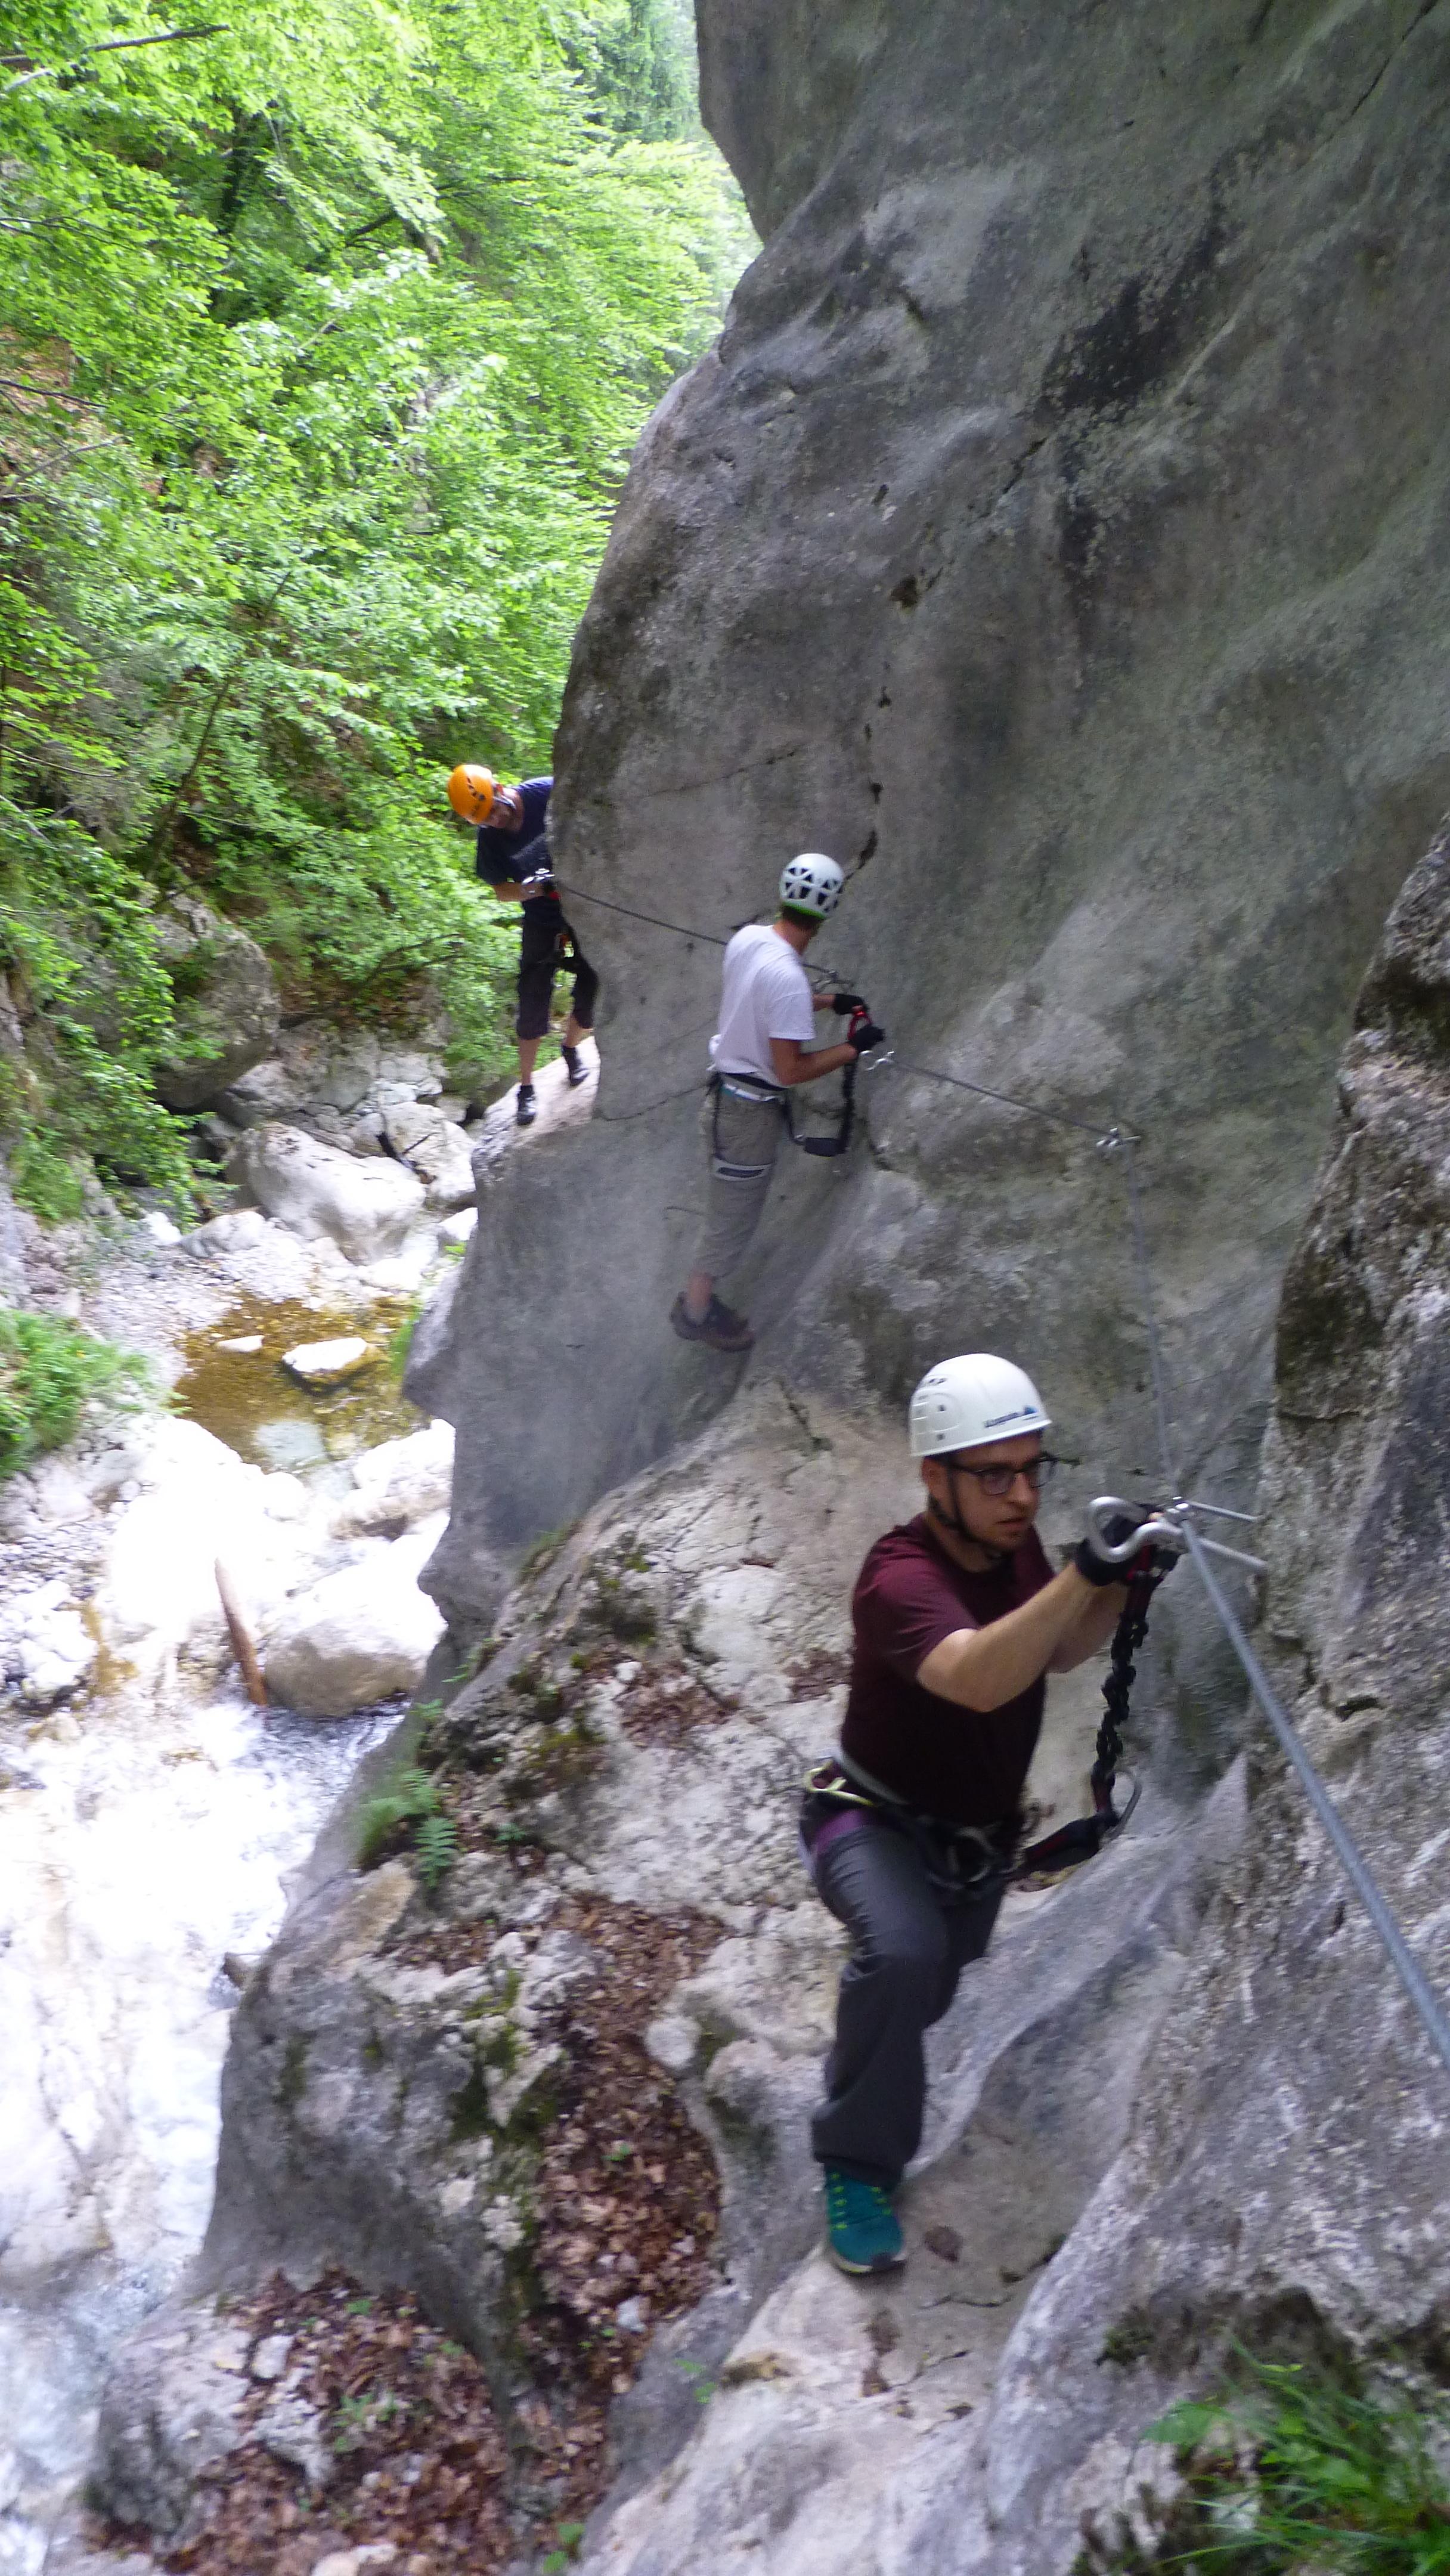 The Hladnik gorge